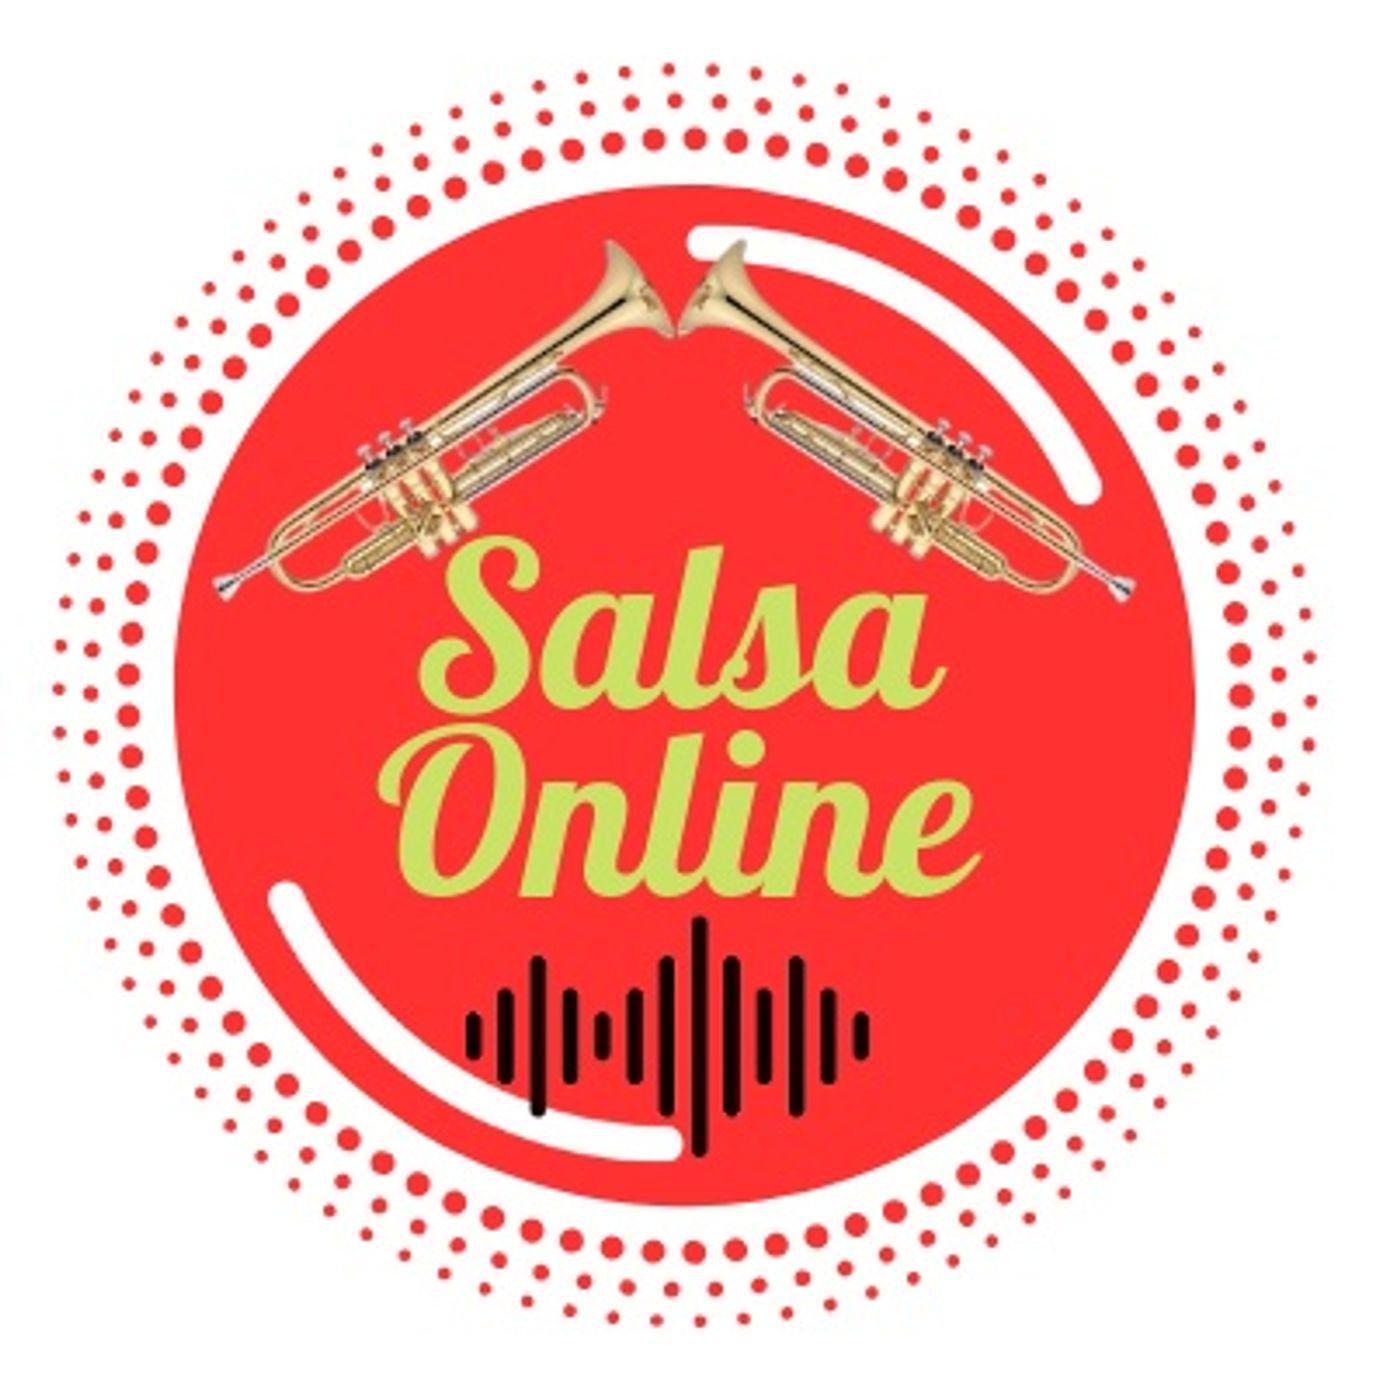 SALSA ONLINE